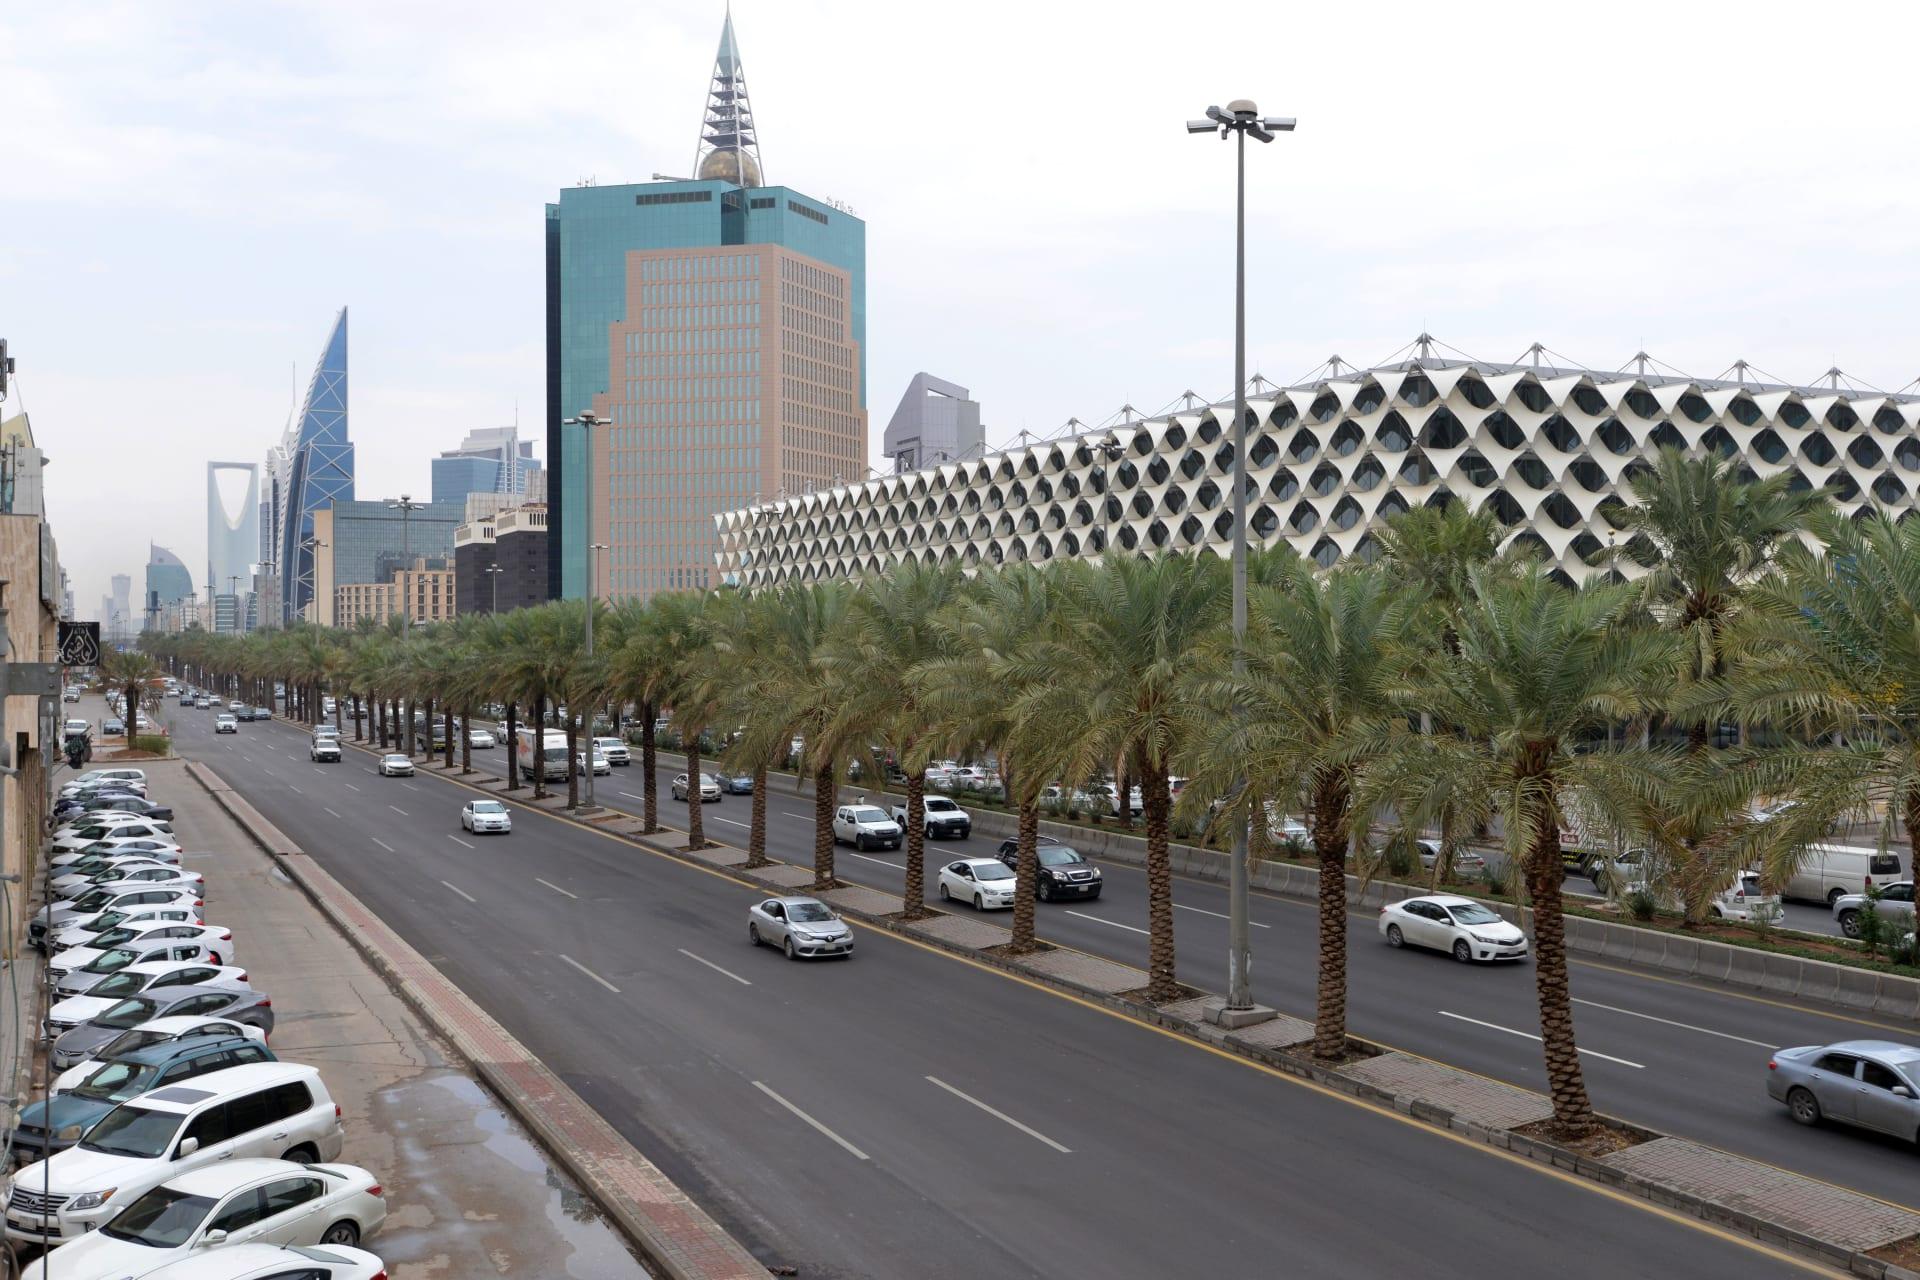 صورة تعبيرية لمدينة الرياض السعودية